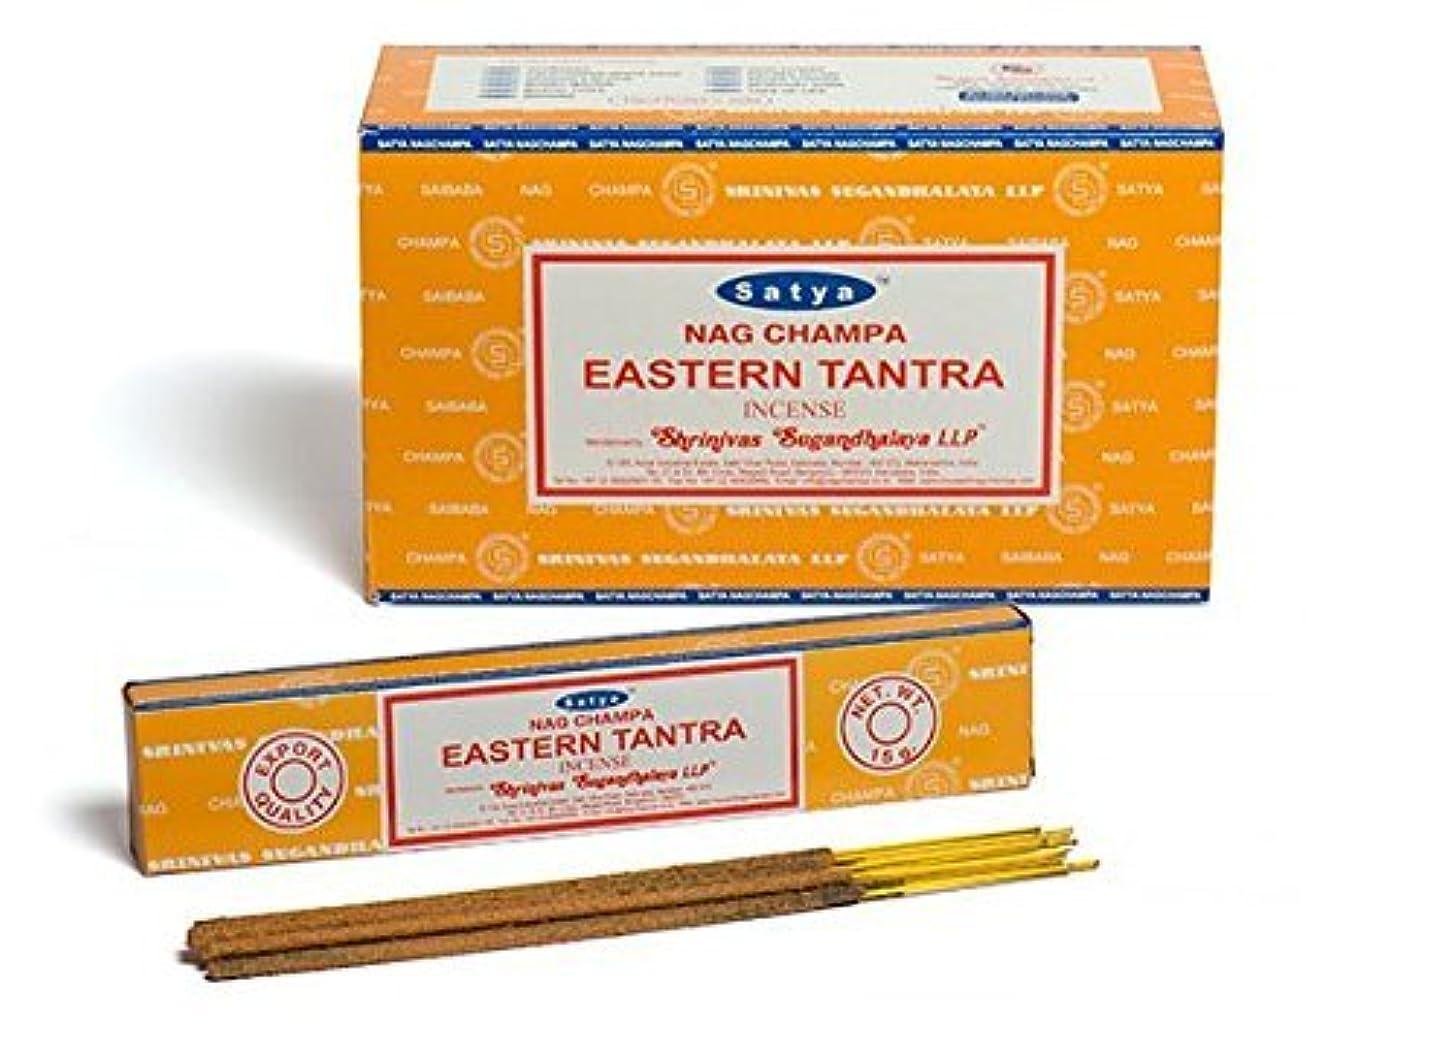 ネズミ支援バッフルBuycrafty Satya Champa Eastern Tantra Incense Stick,180 Grams Box (15g x 12 Boxes)